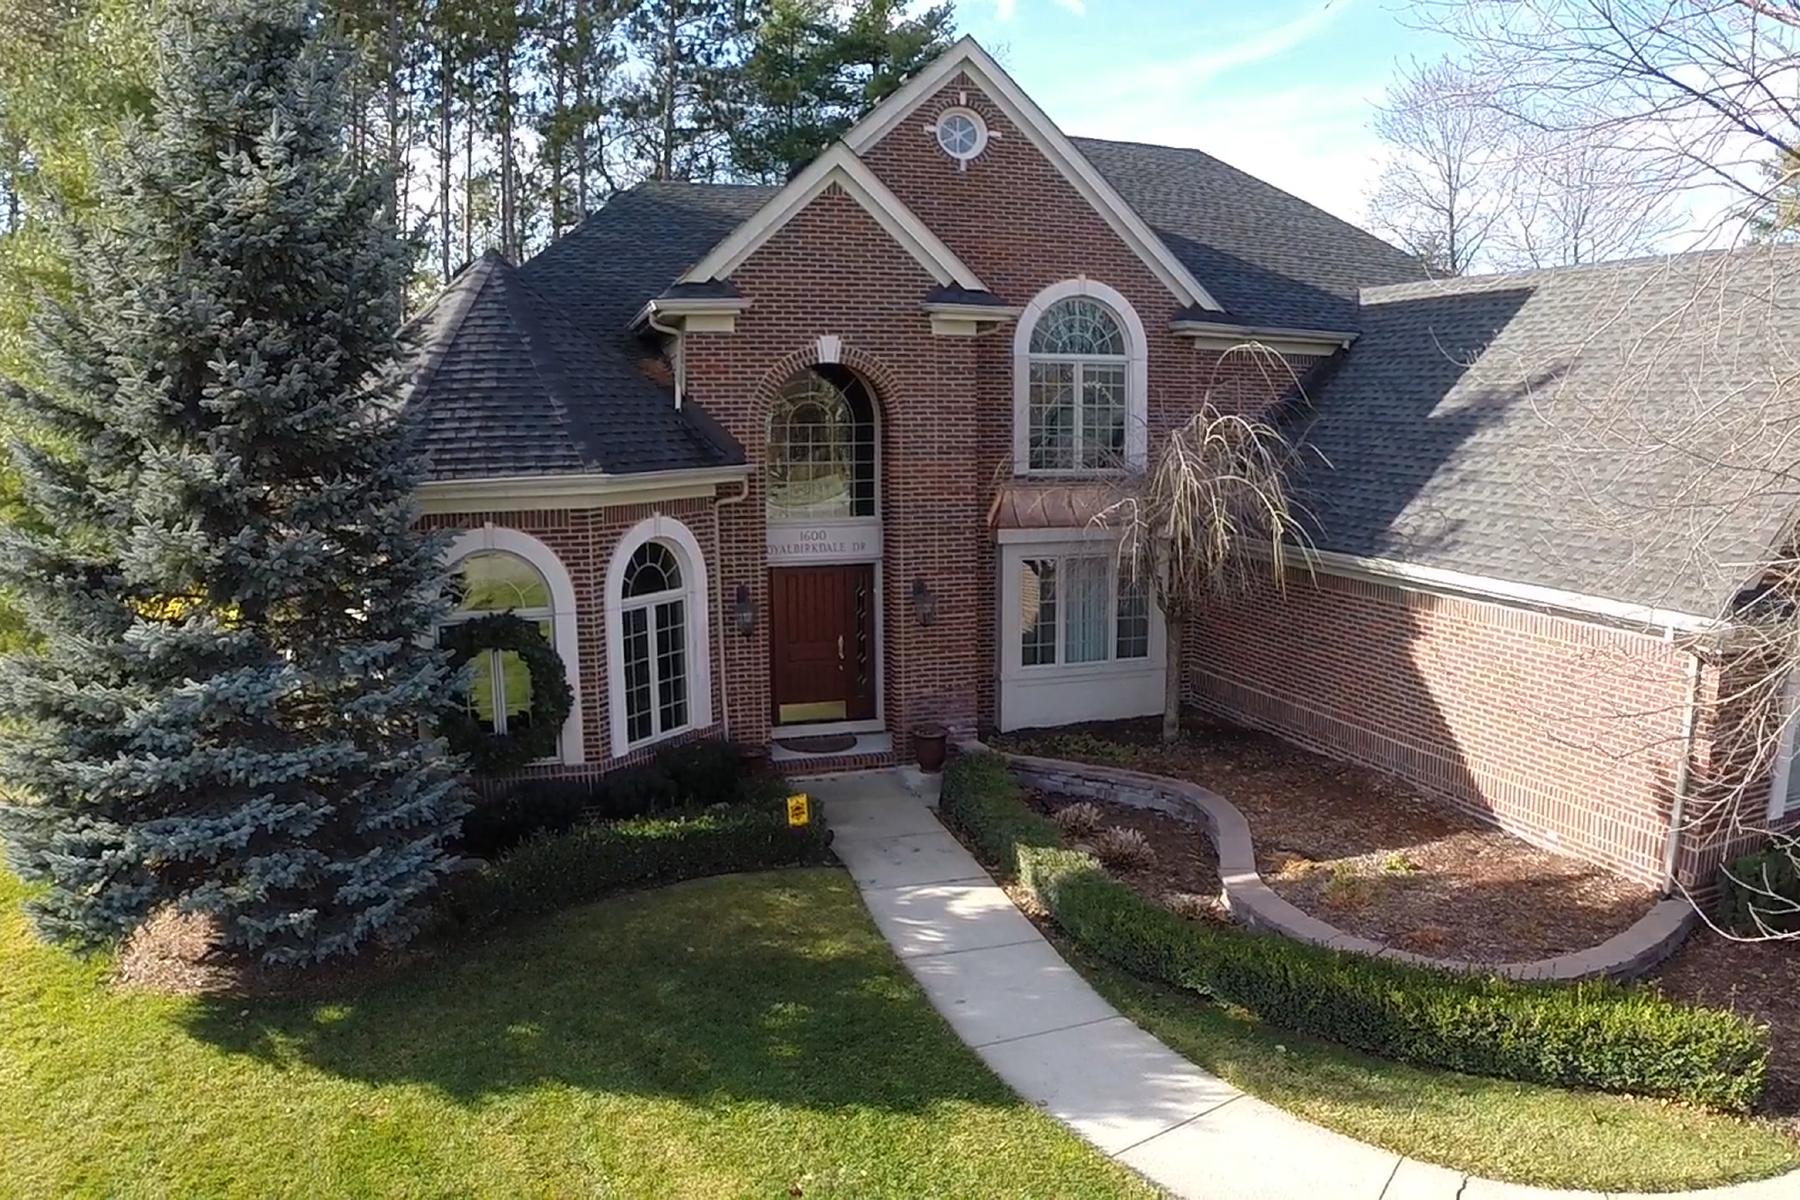 独户住宅 为 销售 在 Oxford Township 1600 Royal Birkdale 牛津, 密歇根州, 48371 美国